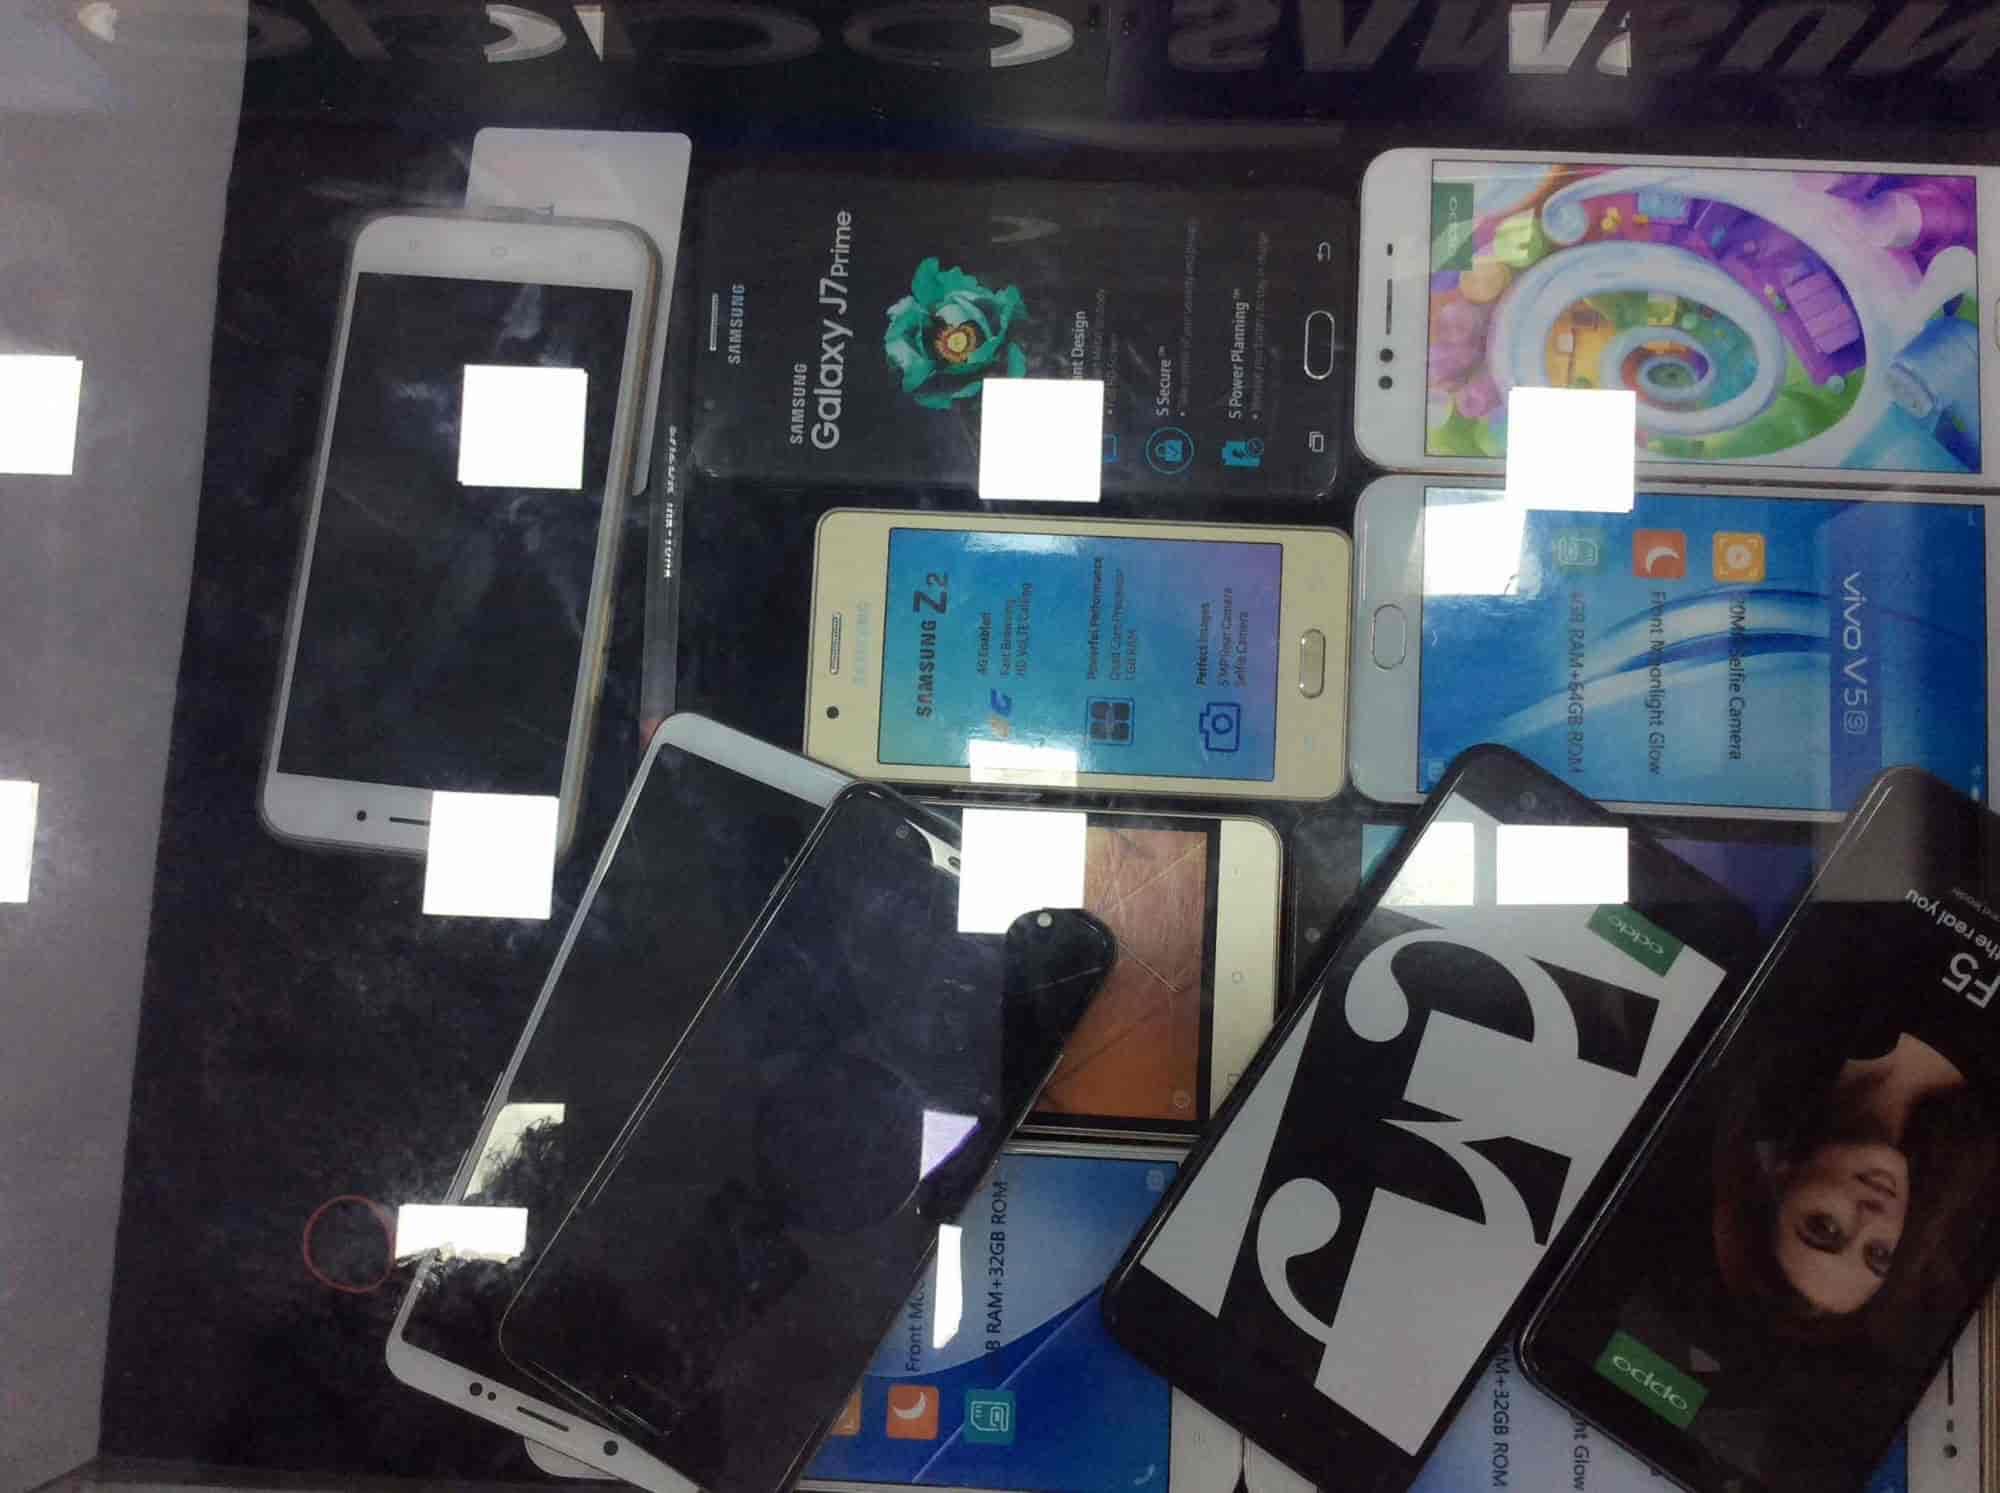 Mobiles 4 U, Mira Road - Mobile Phone Repair & Services